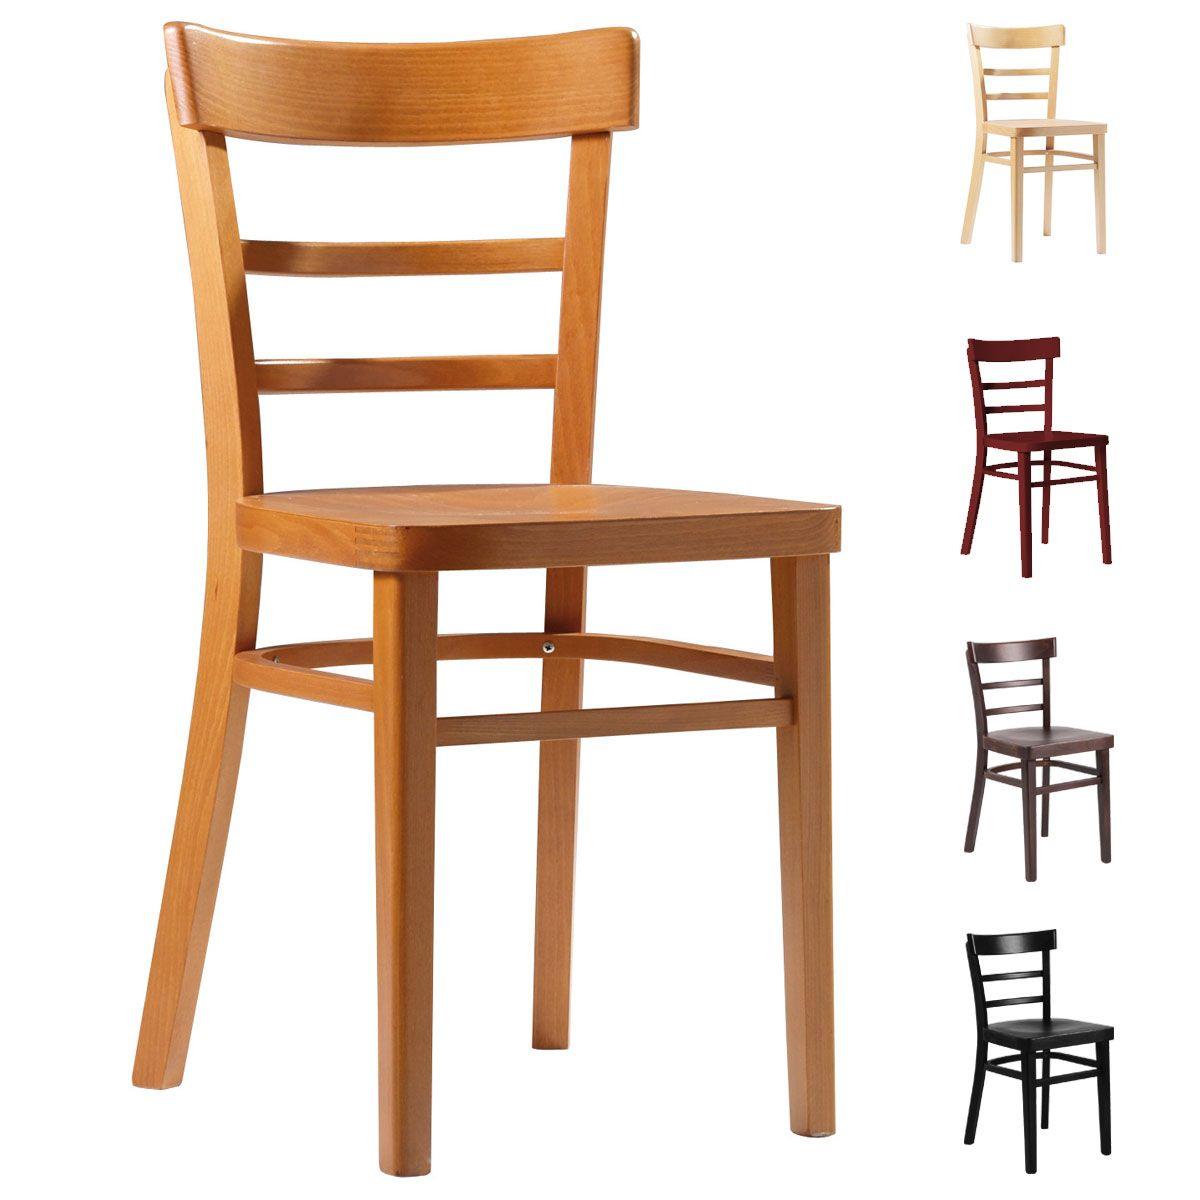 Bistrostuhl Holzstuhl Espresso Holzstuhle Bistro Stuhle Stuhle